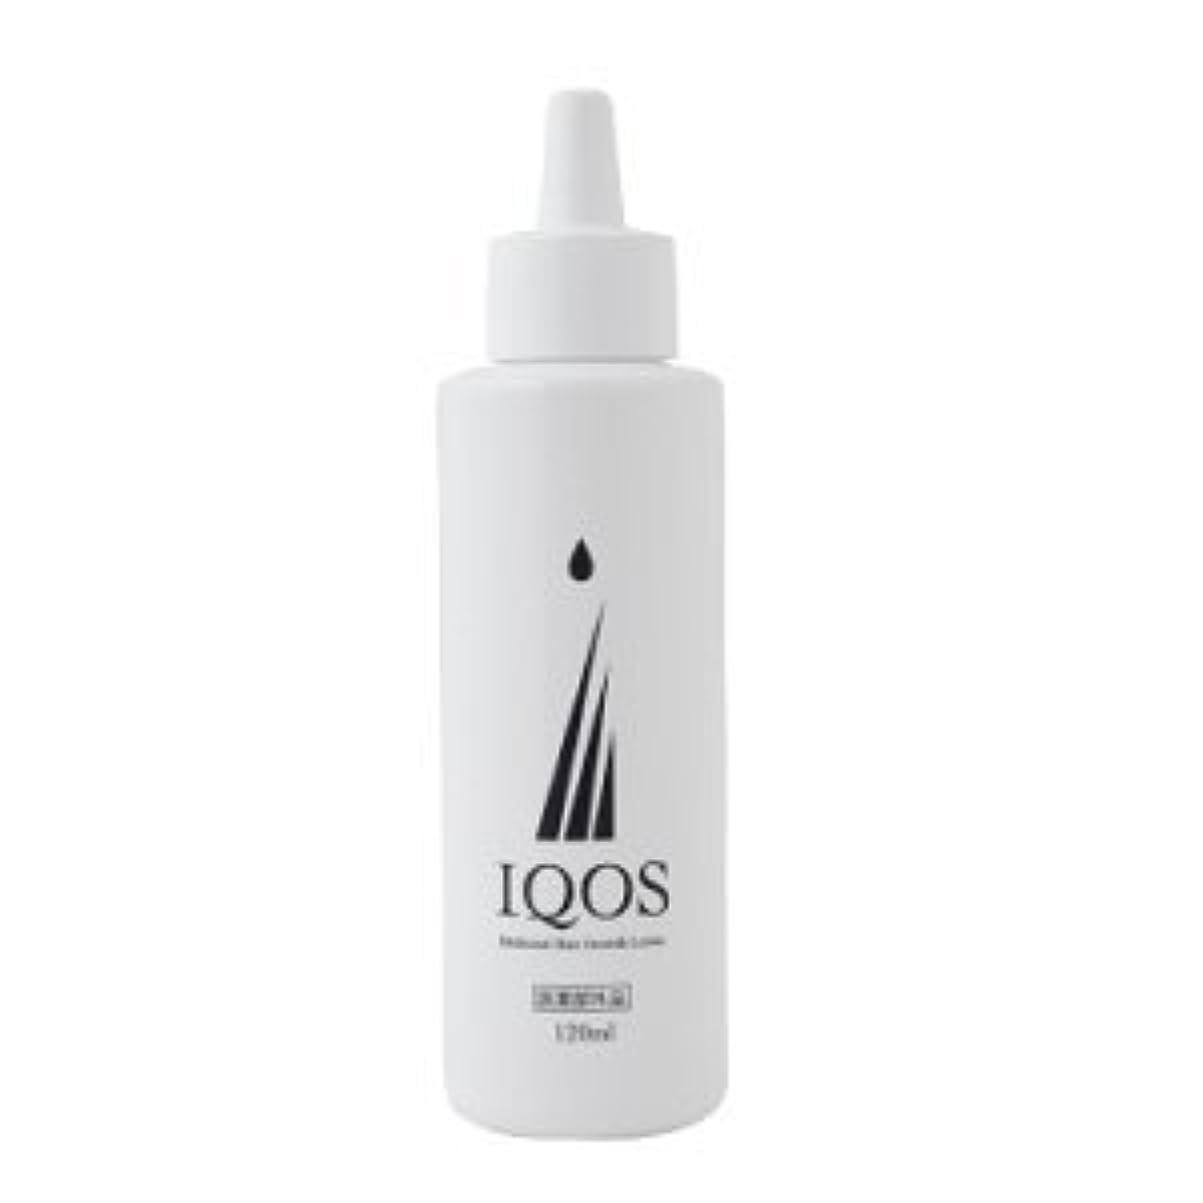 友だち経済的タイトM-034を最大級配合 薬用育毛剤 IQOS イクオス 120ml